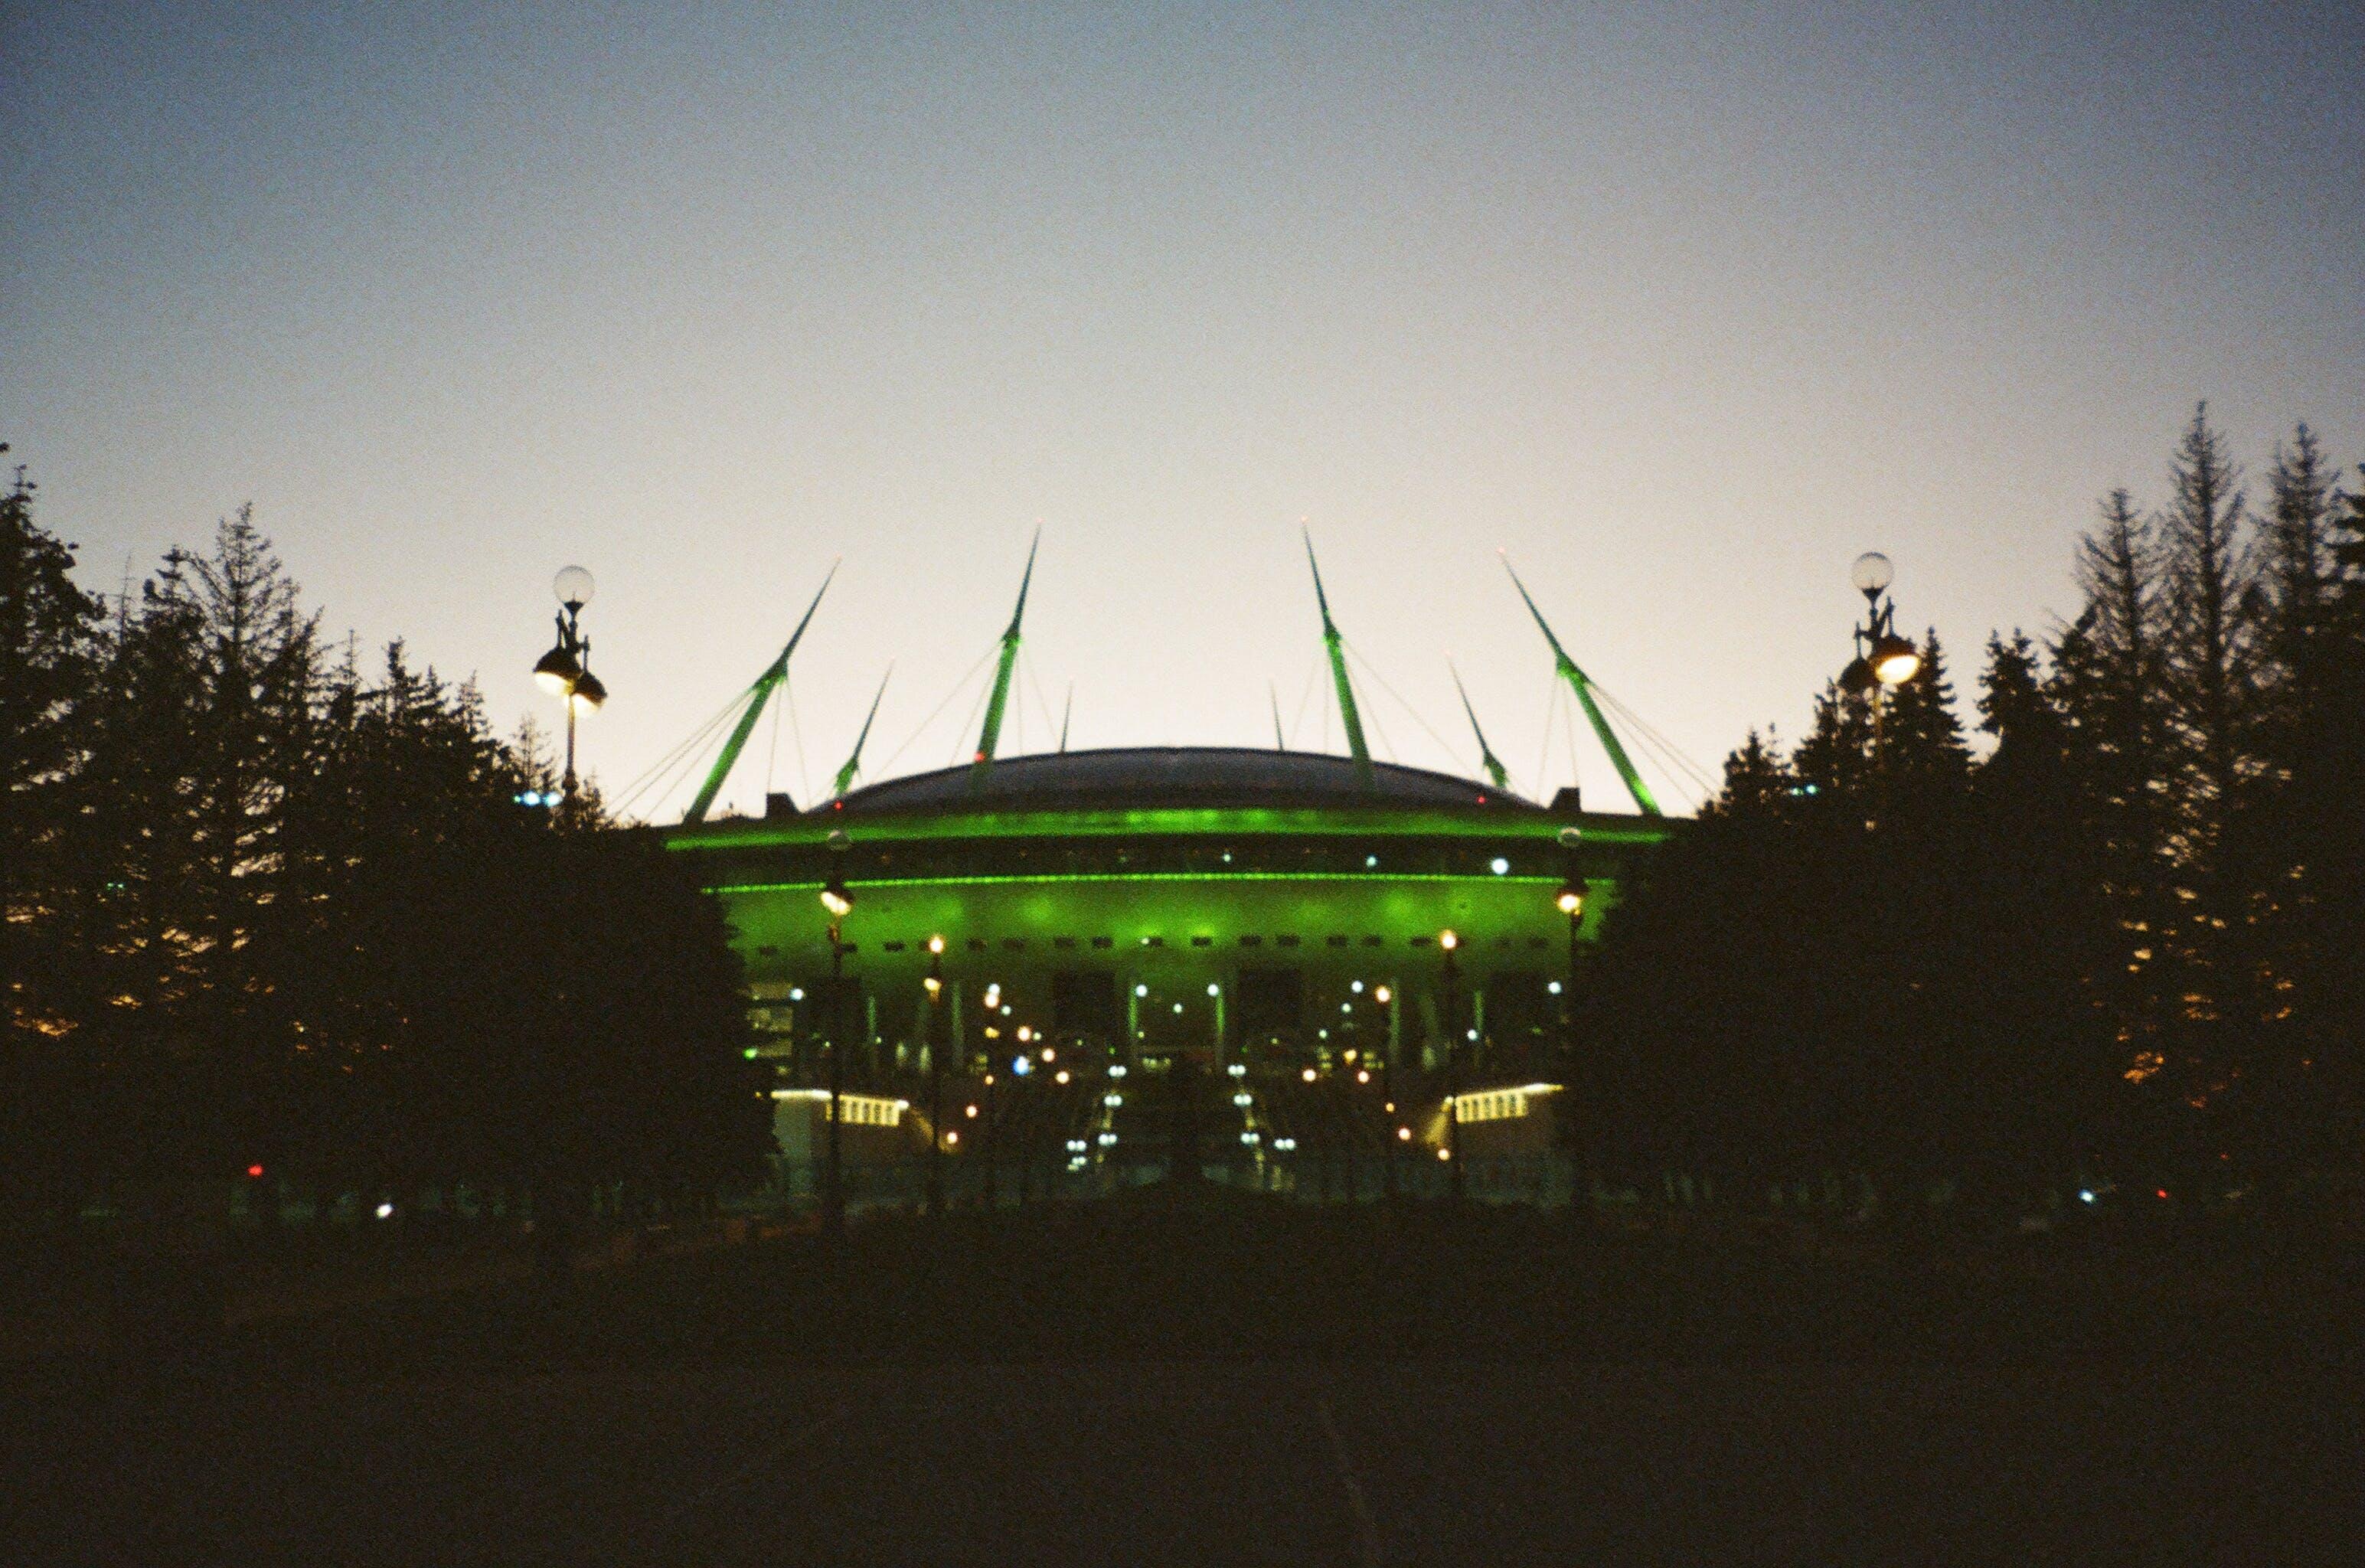 Green Stadium in Between Trees